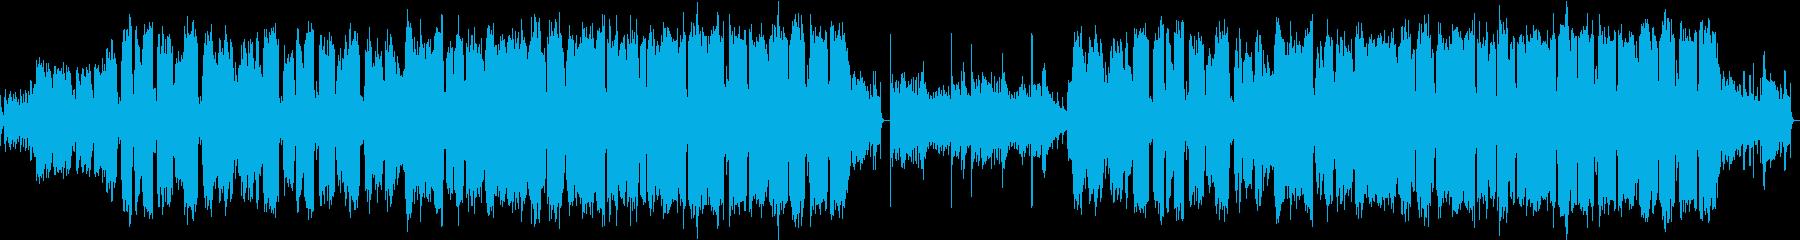 フルートとアコースティックギターゆるい曲の再生済みの波形